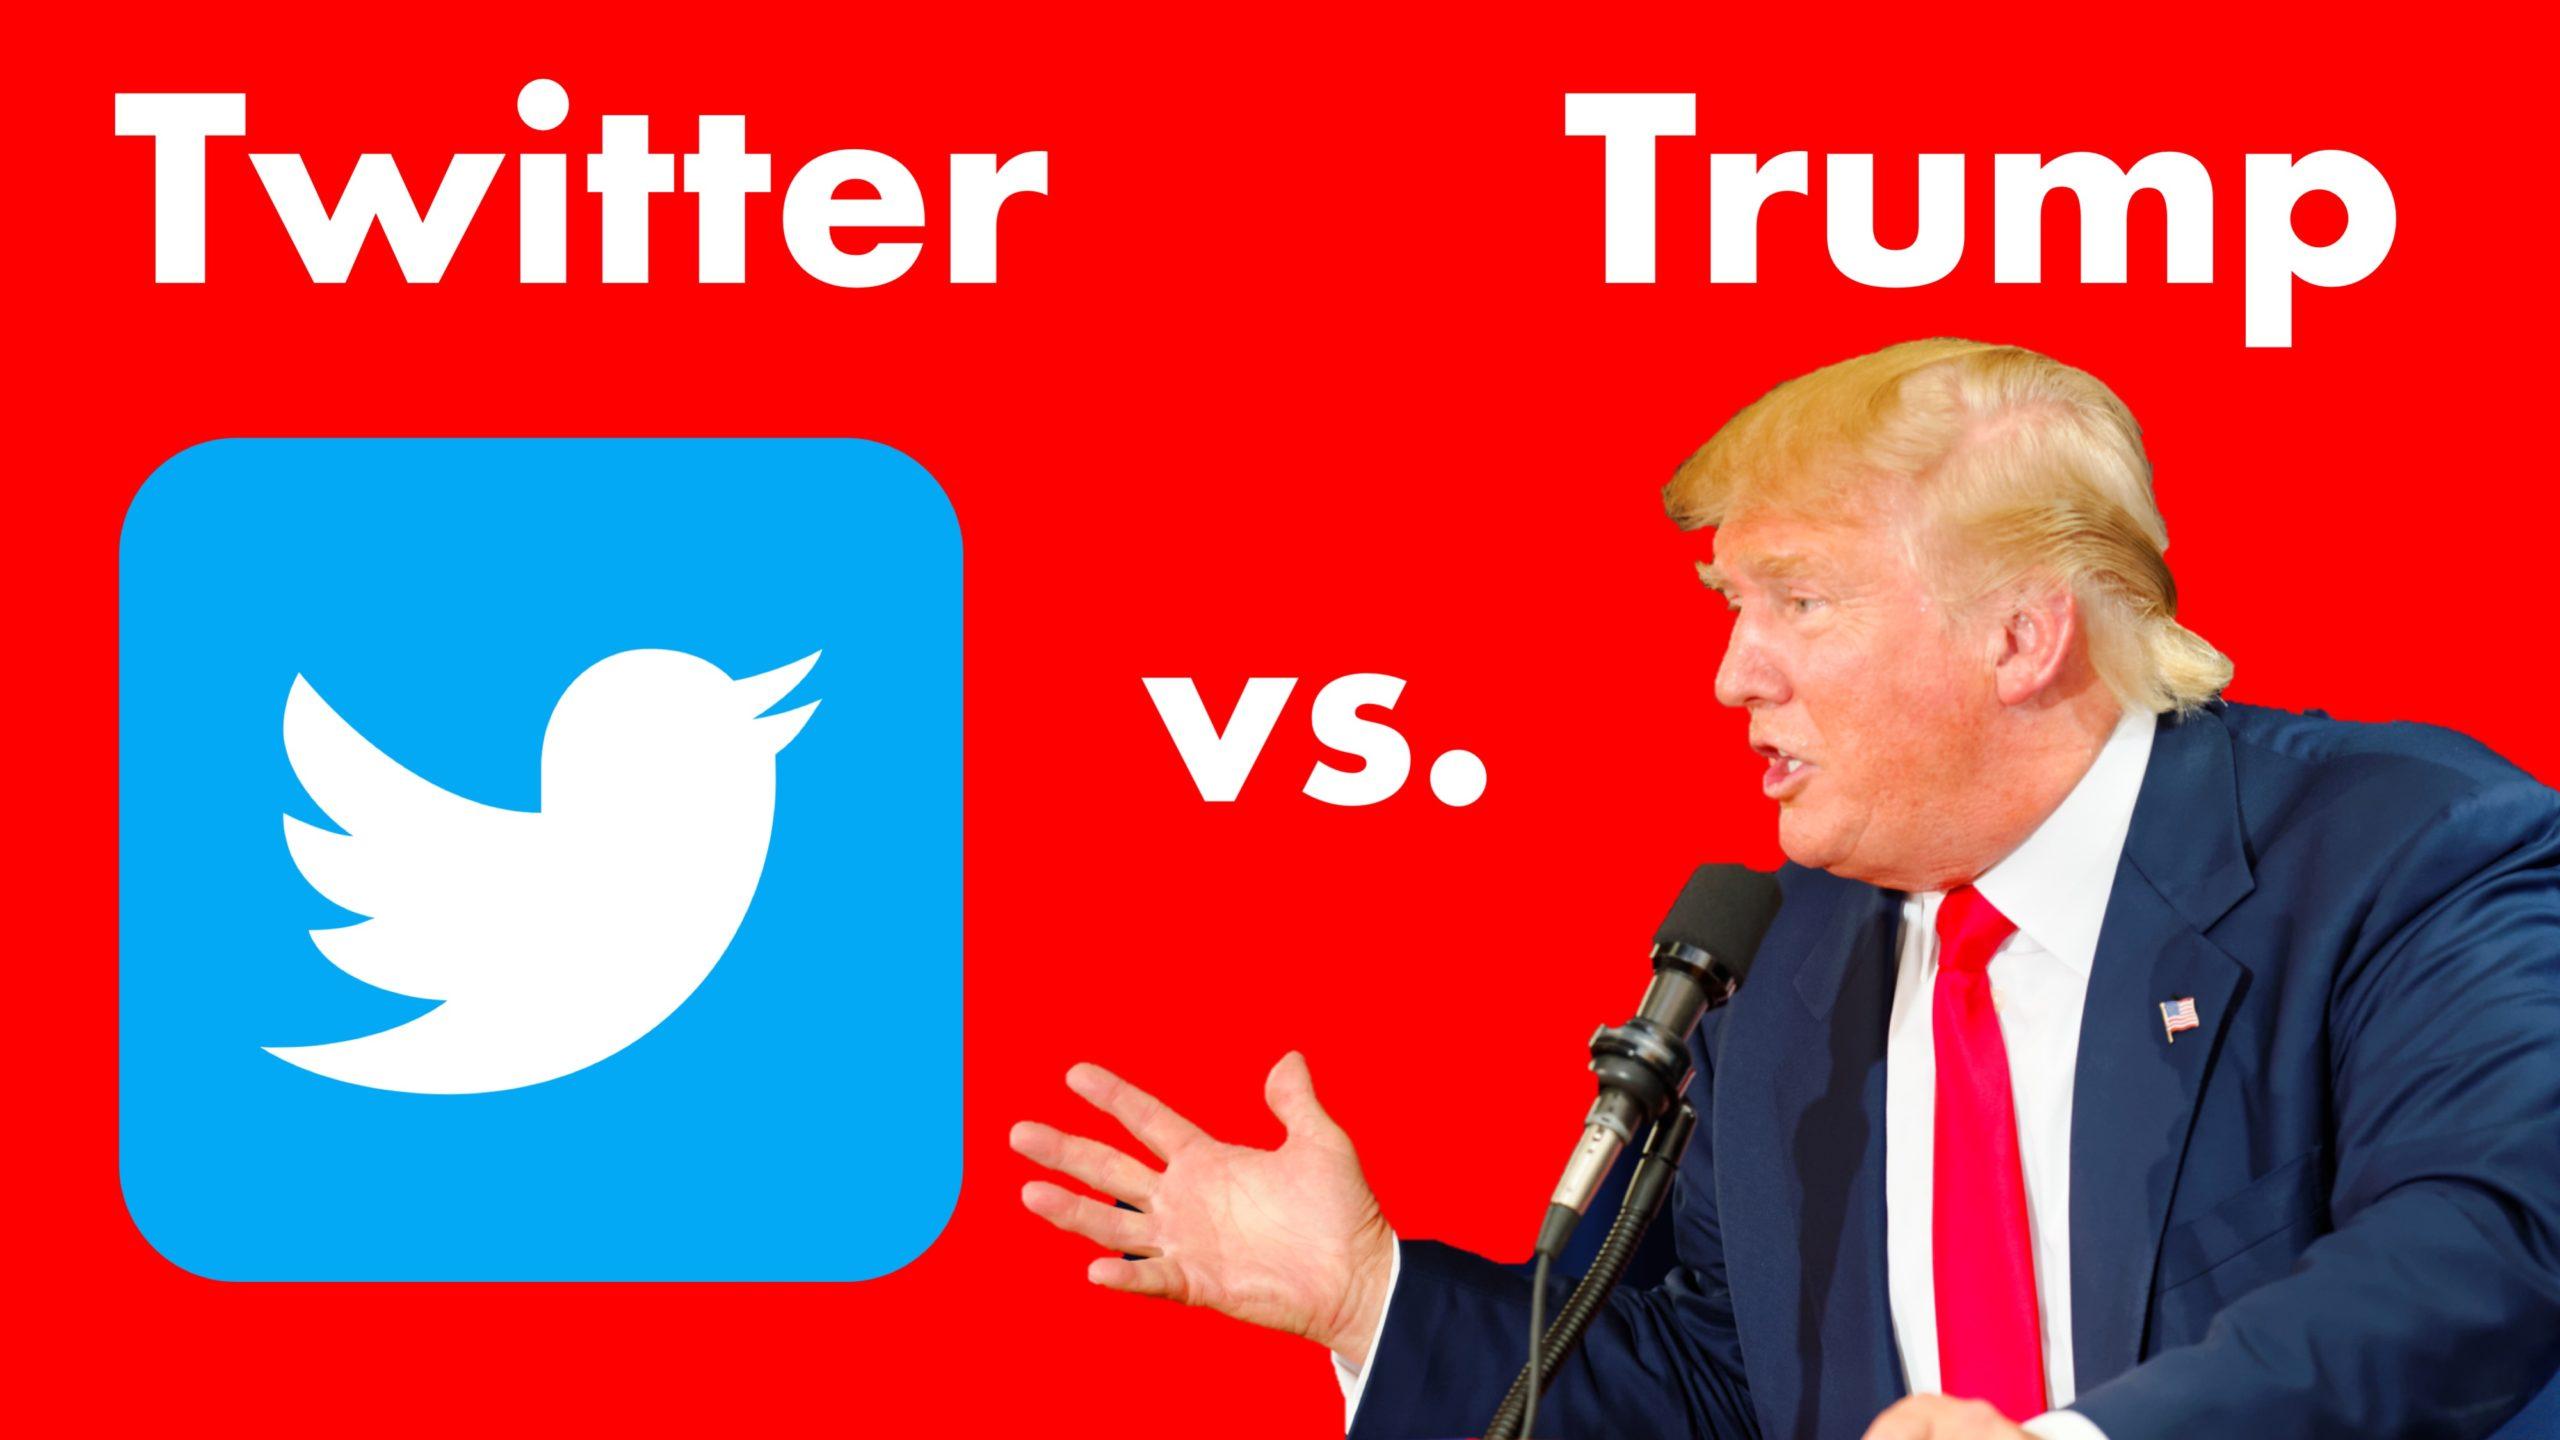 Trump vs. Twitter